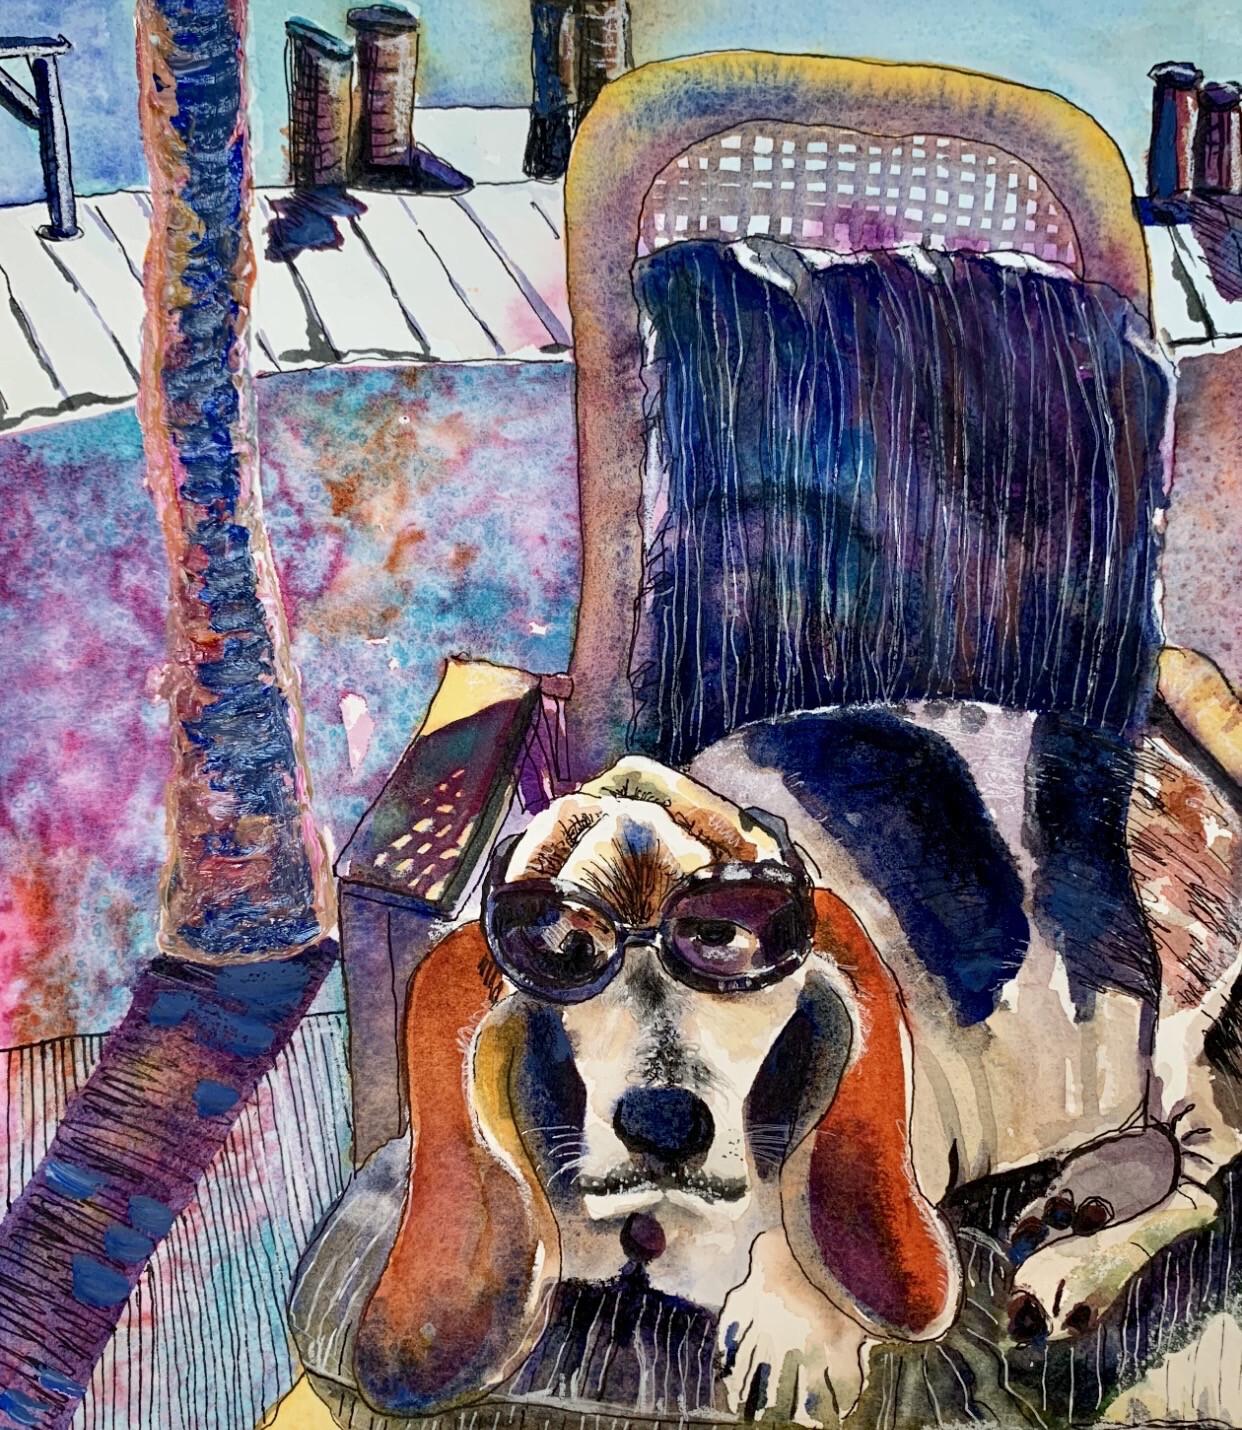 Sunglassed Dog - Mixed Media